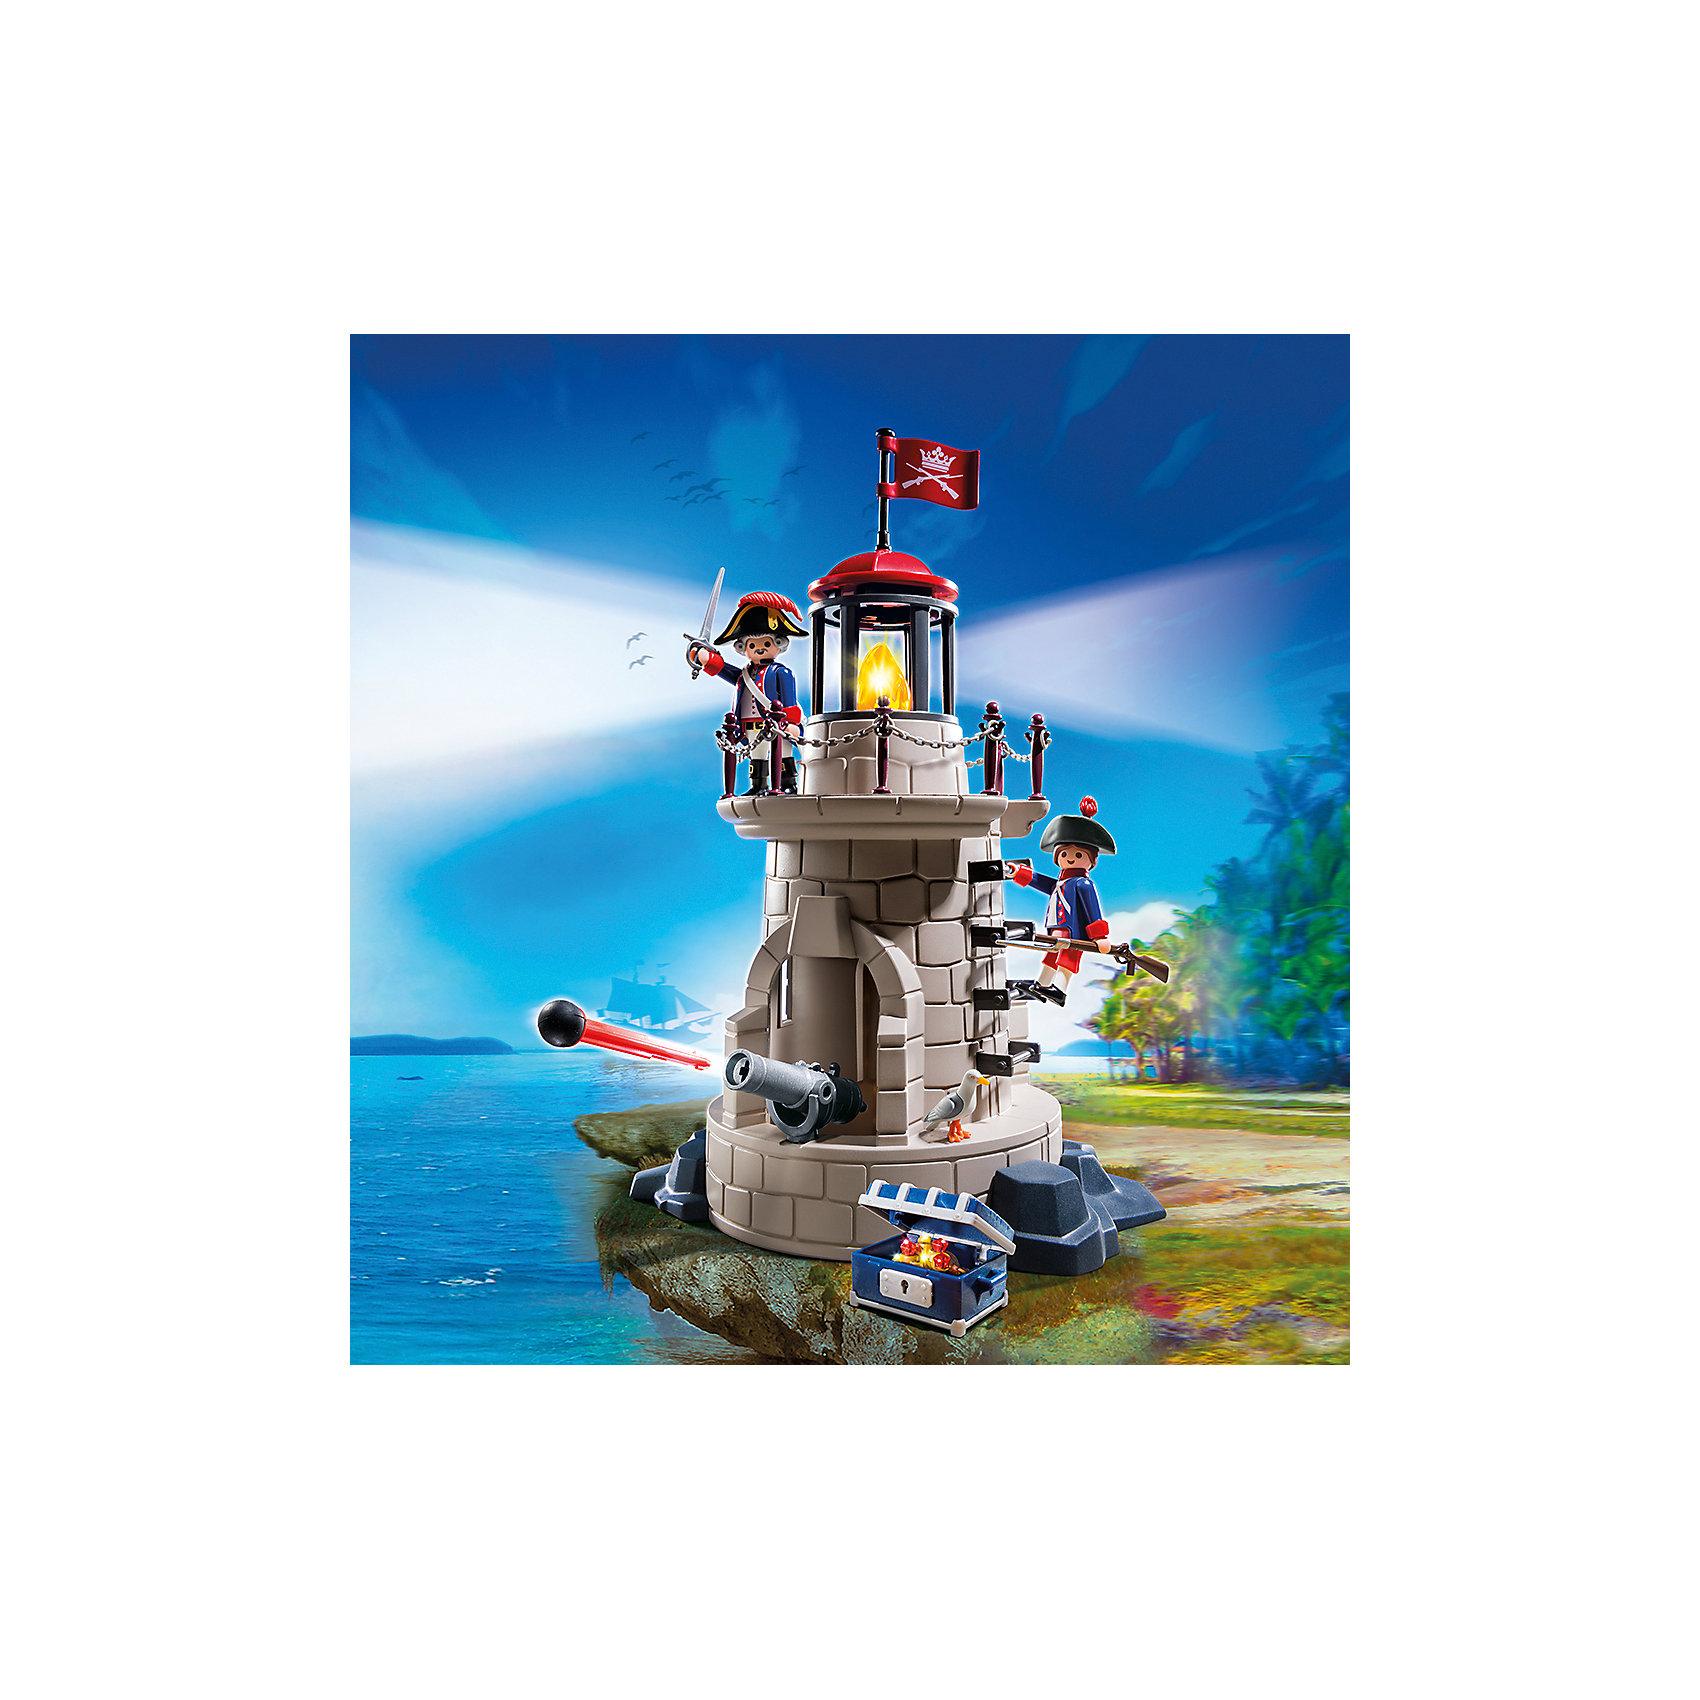 PLAYMOBIL® Пираты: Военная башня с маяком, PLAYMOBIL playmobil® экстра набор пират и сундук с сокровищами playmobil